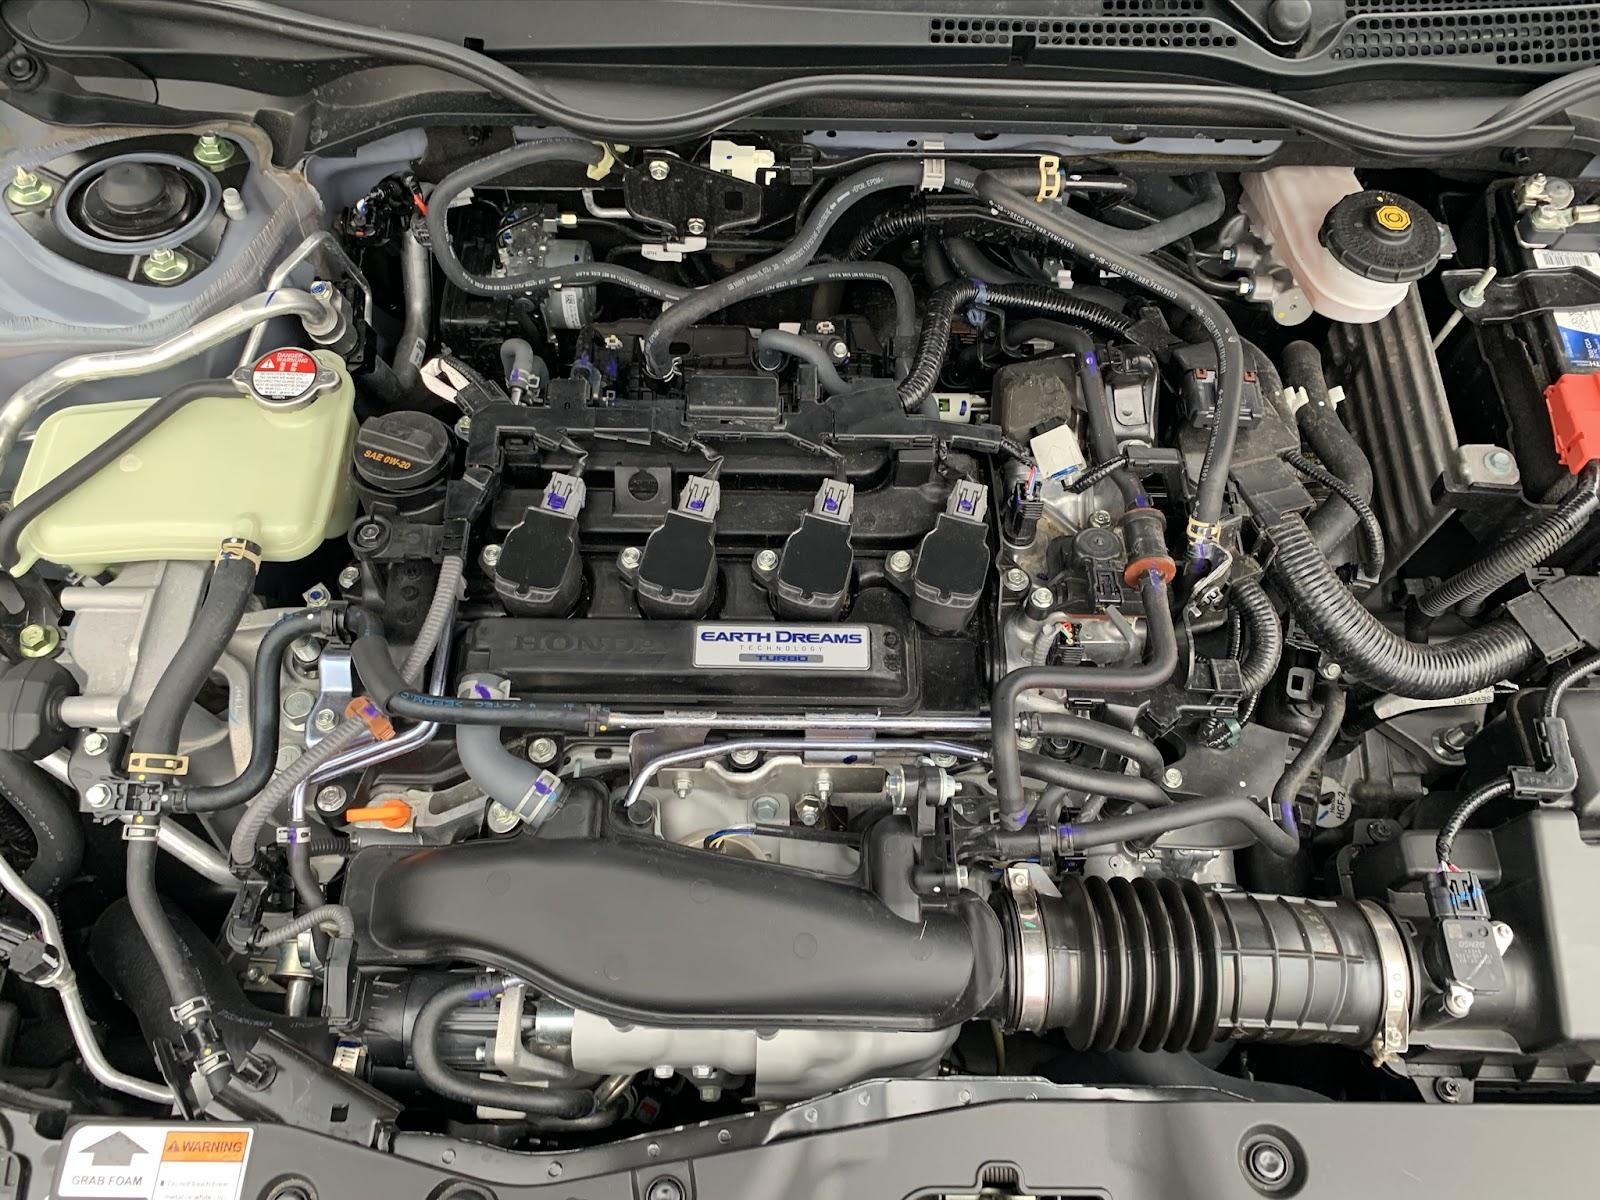 Honda Civic Hatchback 1.5-liter engine